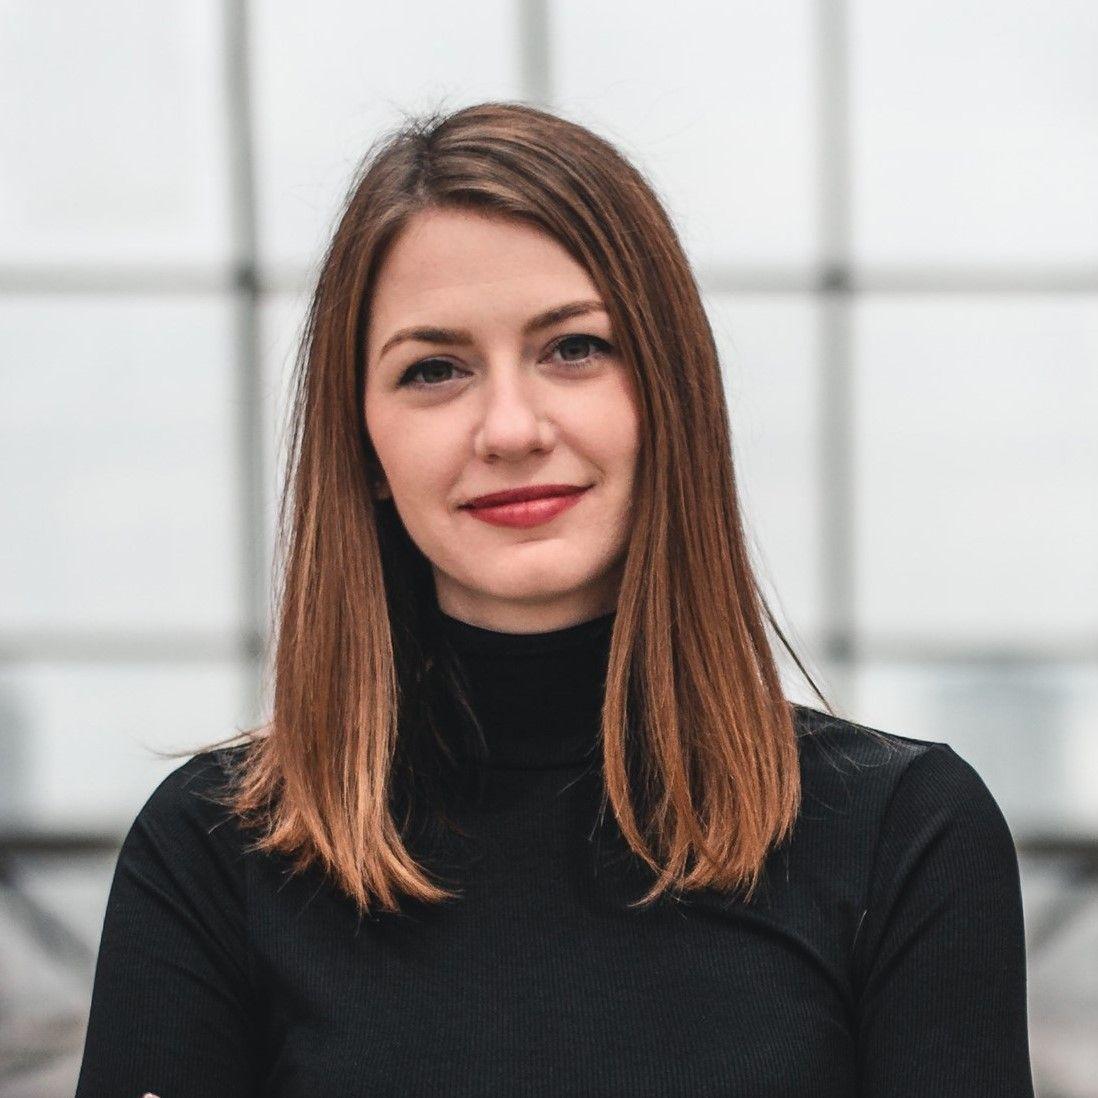 Donáth Anna visszavágott Varga Juditnak: az európai biztosok nem elérhetetlenek, mint a magyar kormánytagok